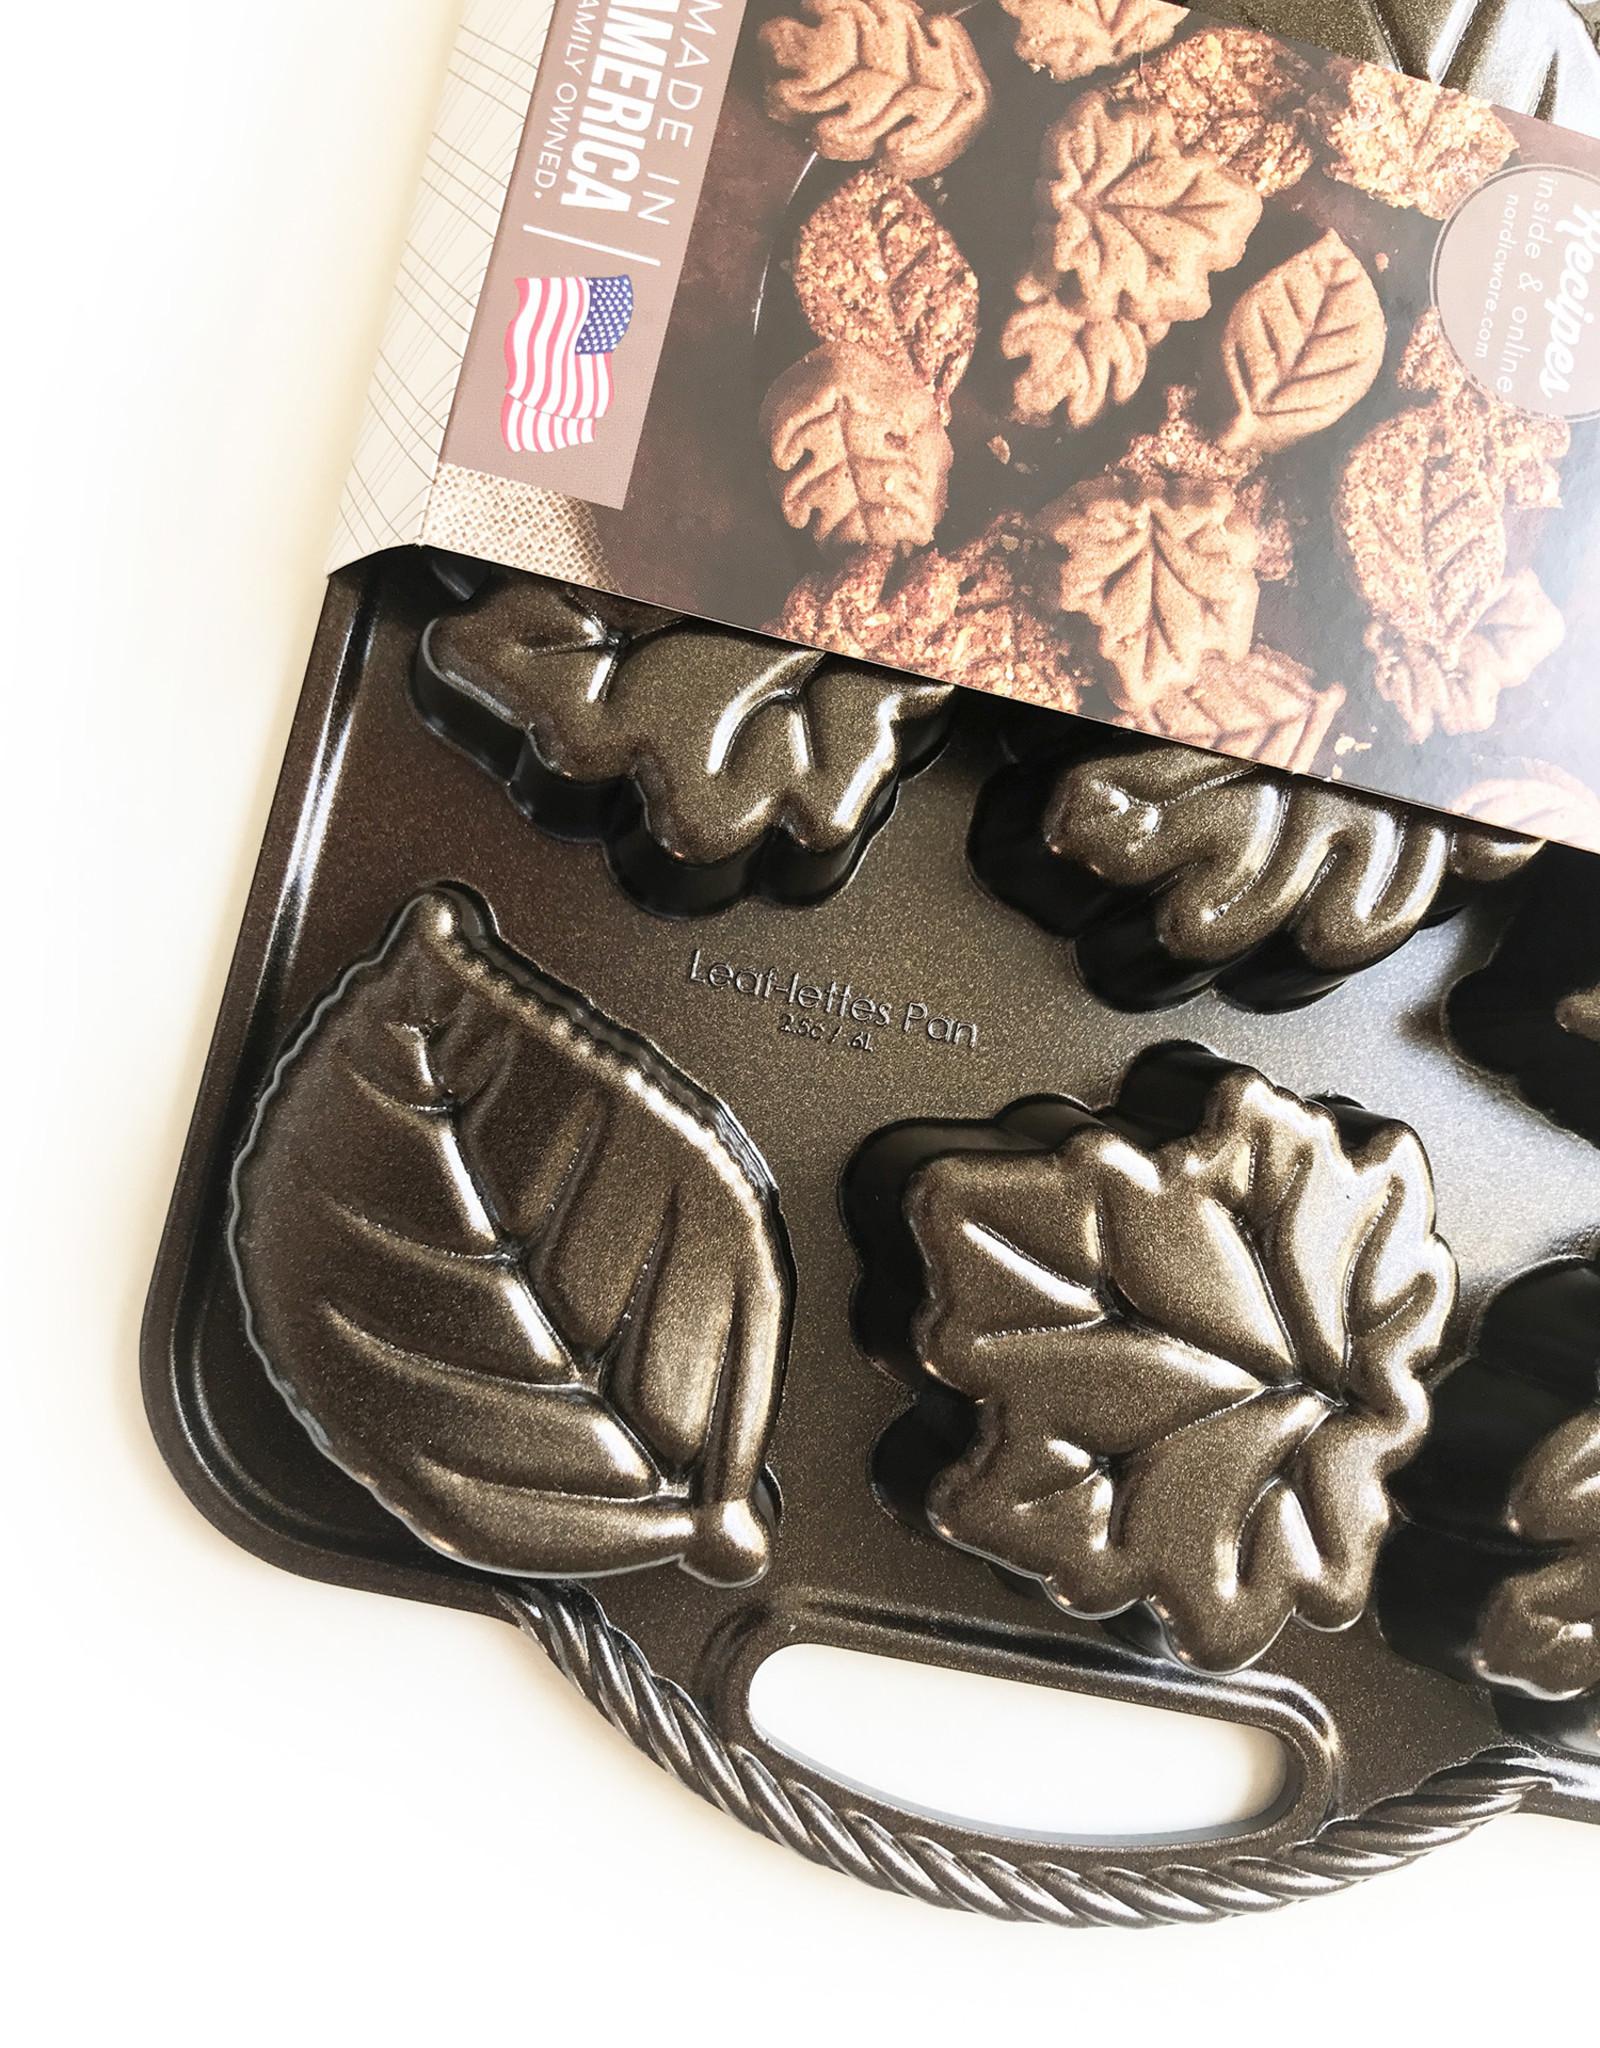 Nordicware Nordic Ware Leaflettes Pan Bronze